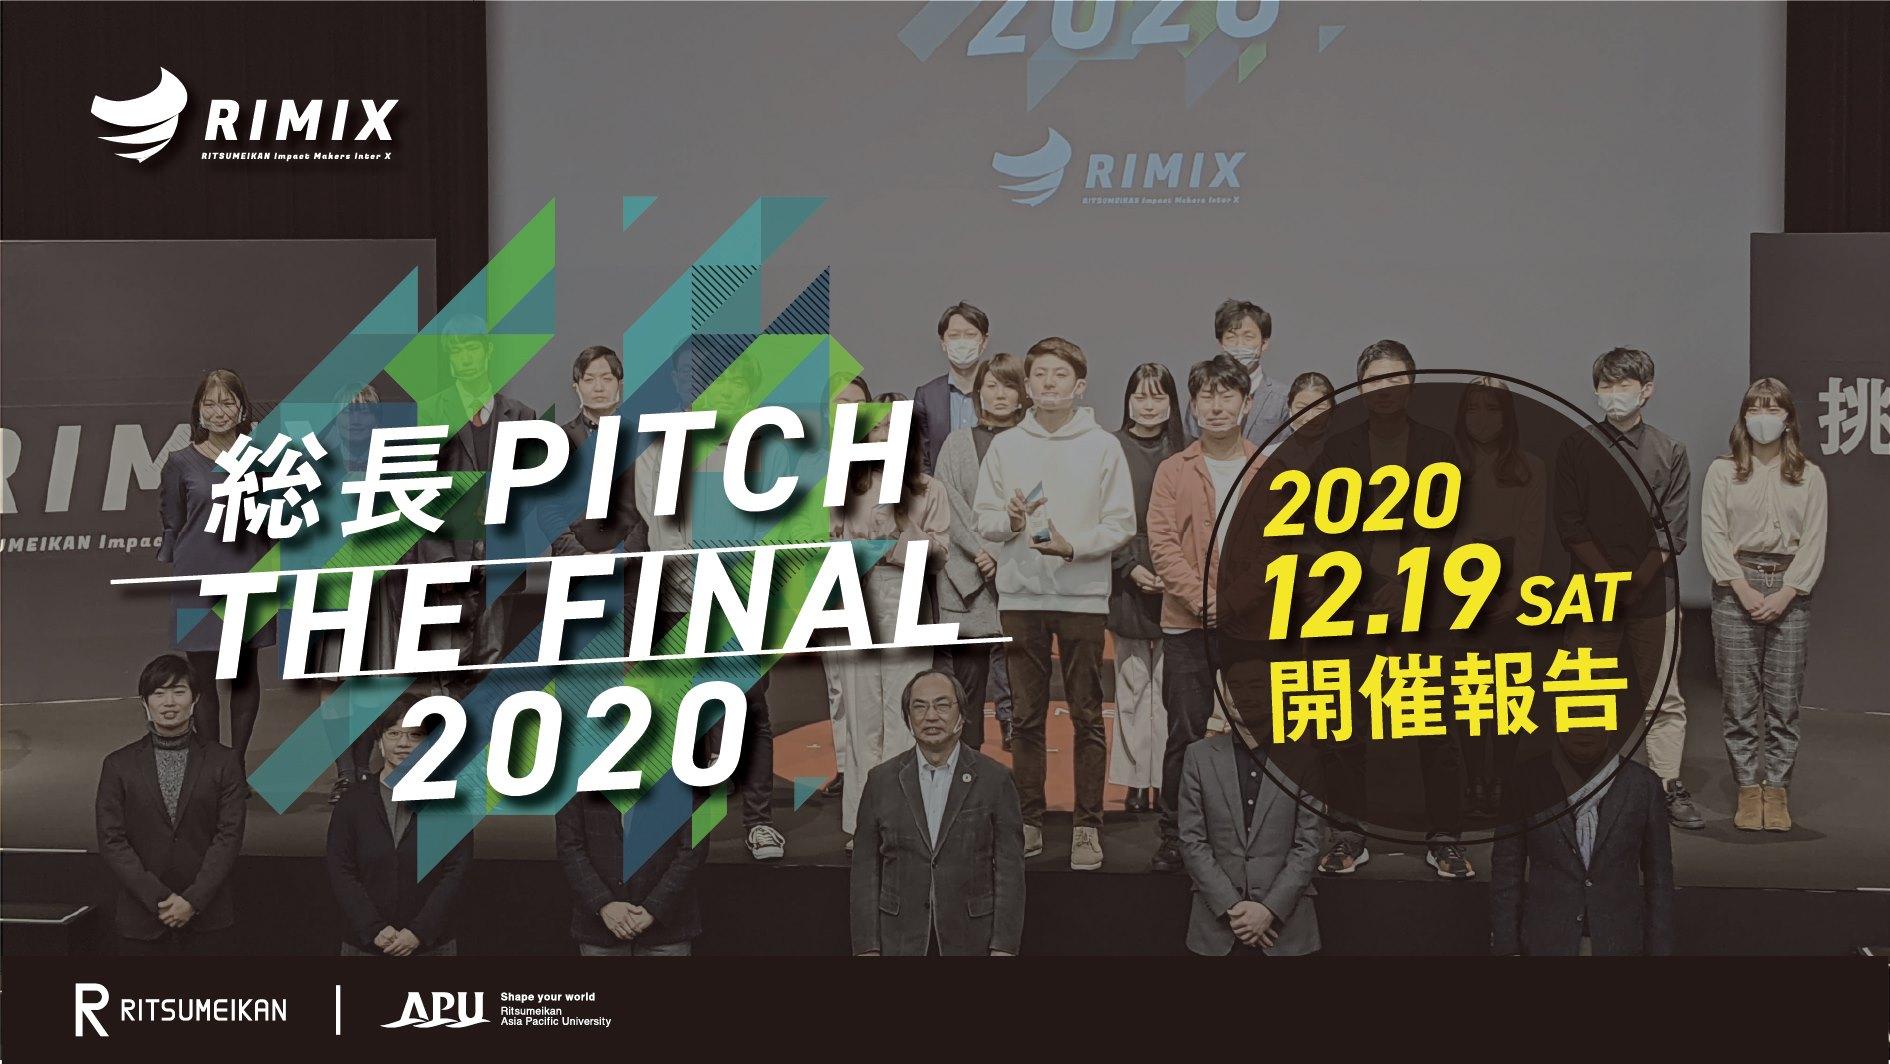 「総長PITCH THE FINAL 2020」開催報告レポート